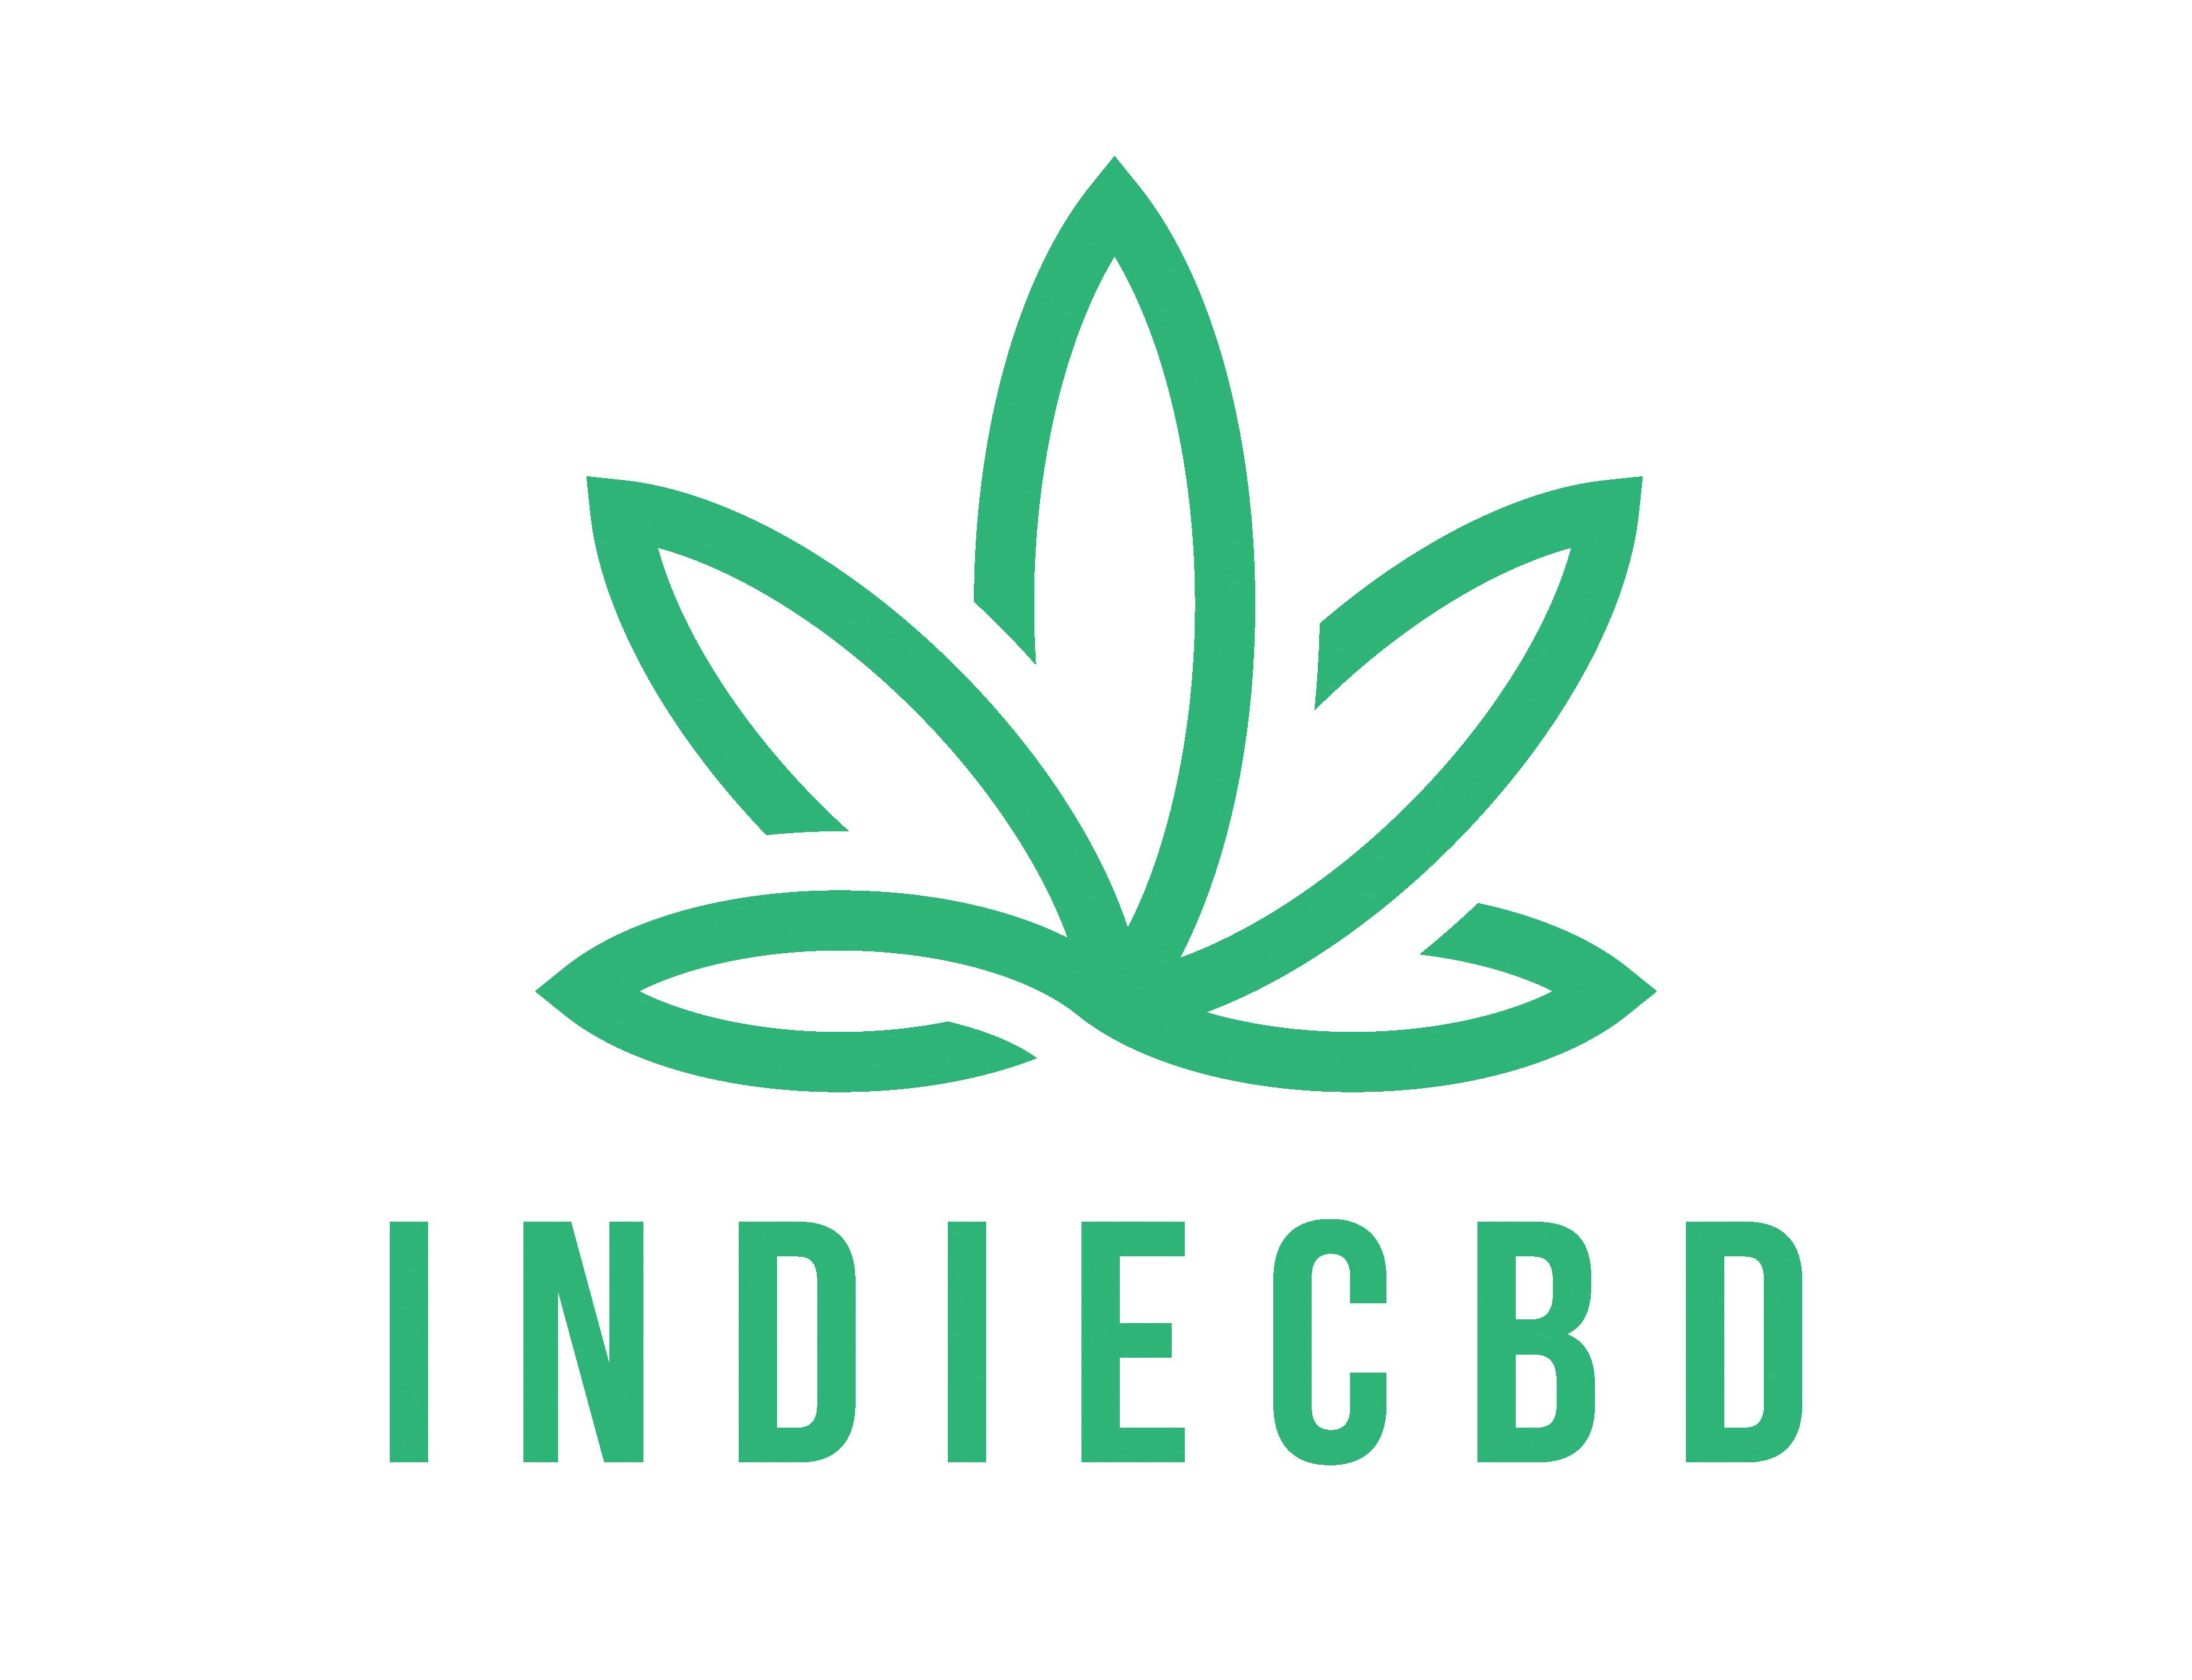 Indie CBD